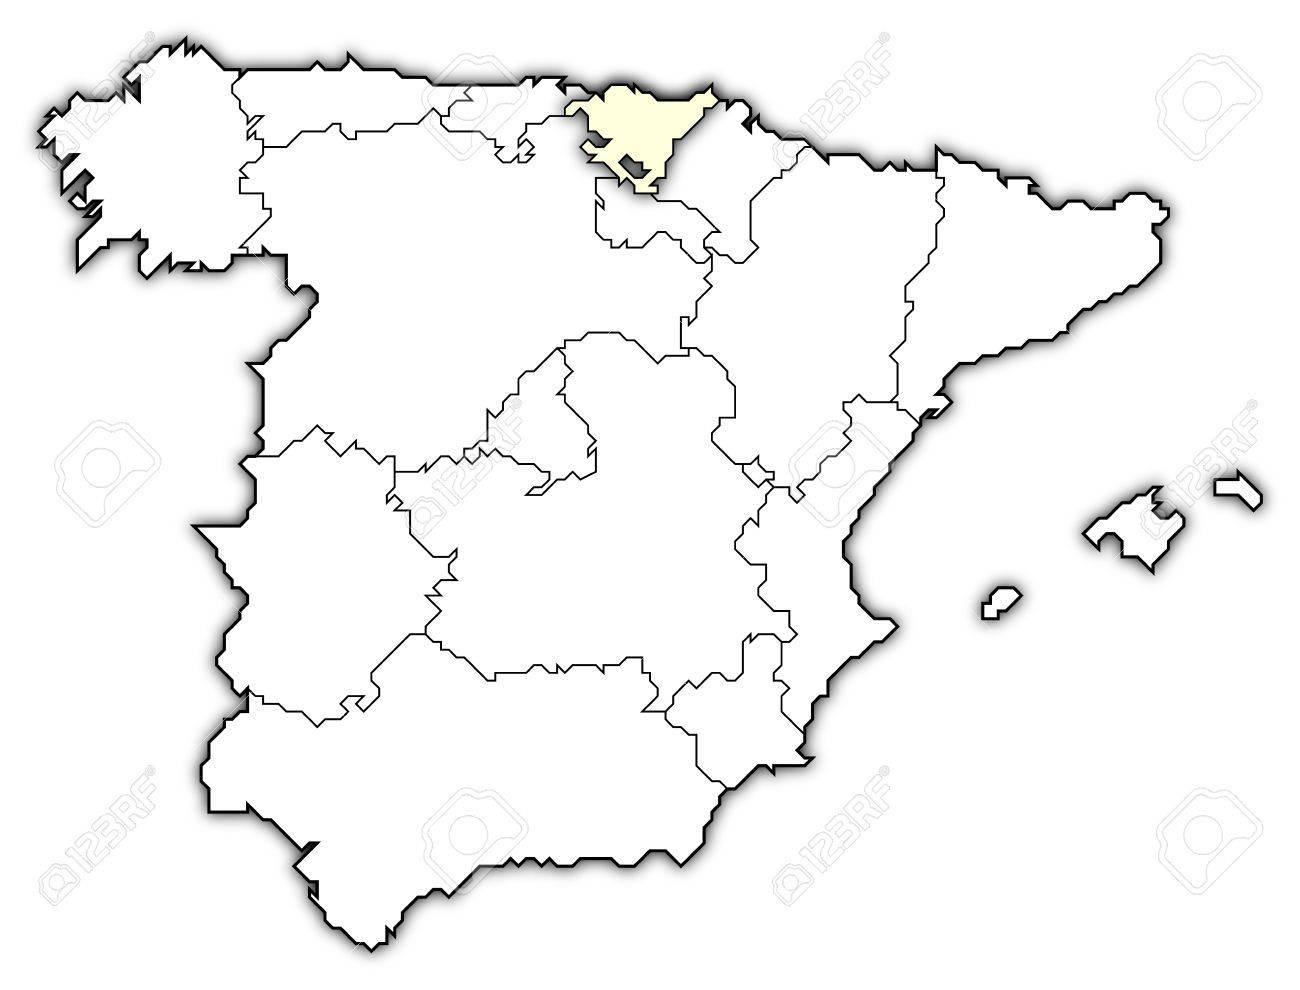 Le Regioni Della Spagna Cartina.Immagini Stock Mappa Politica Della Spagna Con Le Varie Regioni In Cui E Evidenziato Paesi Baschi Image 10818450